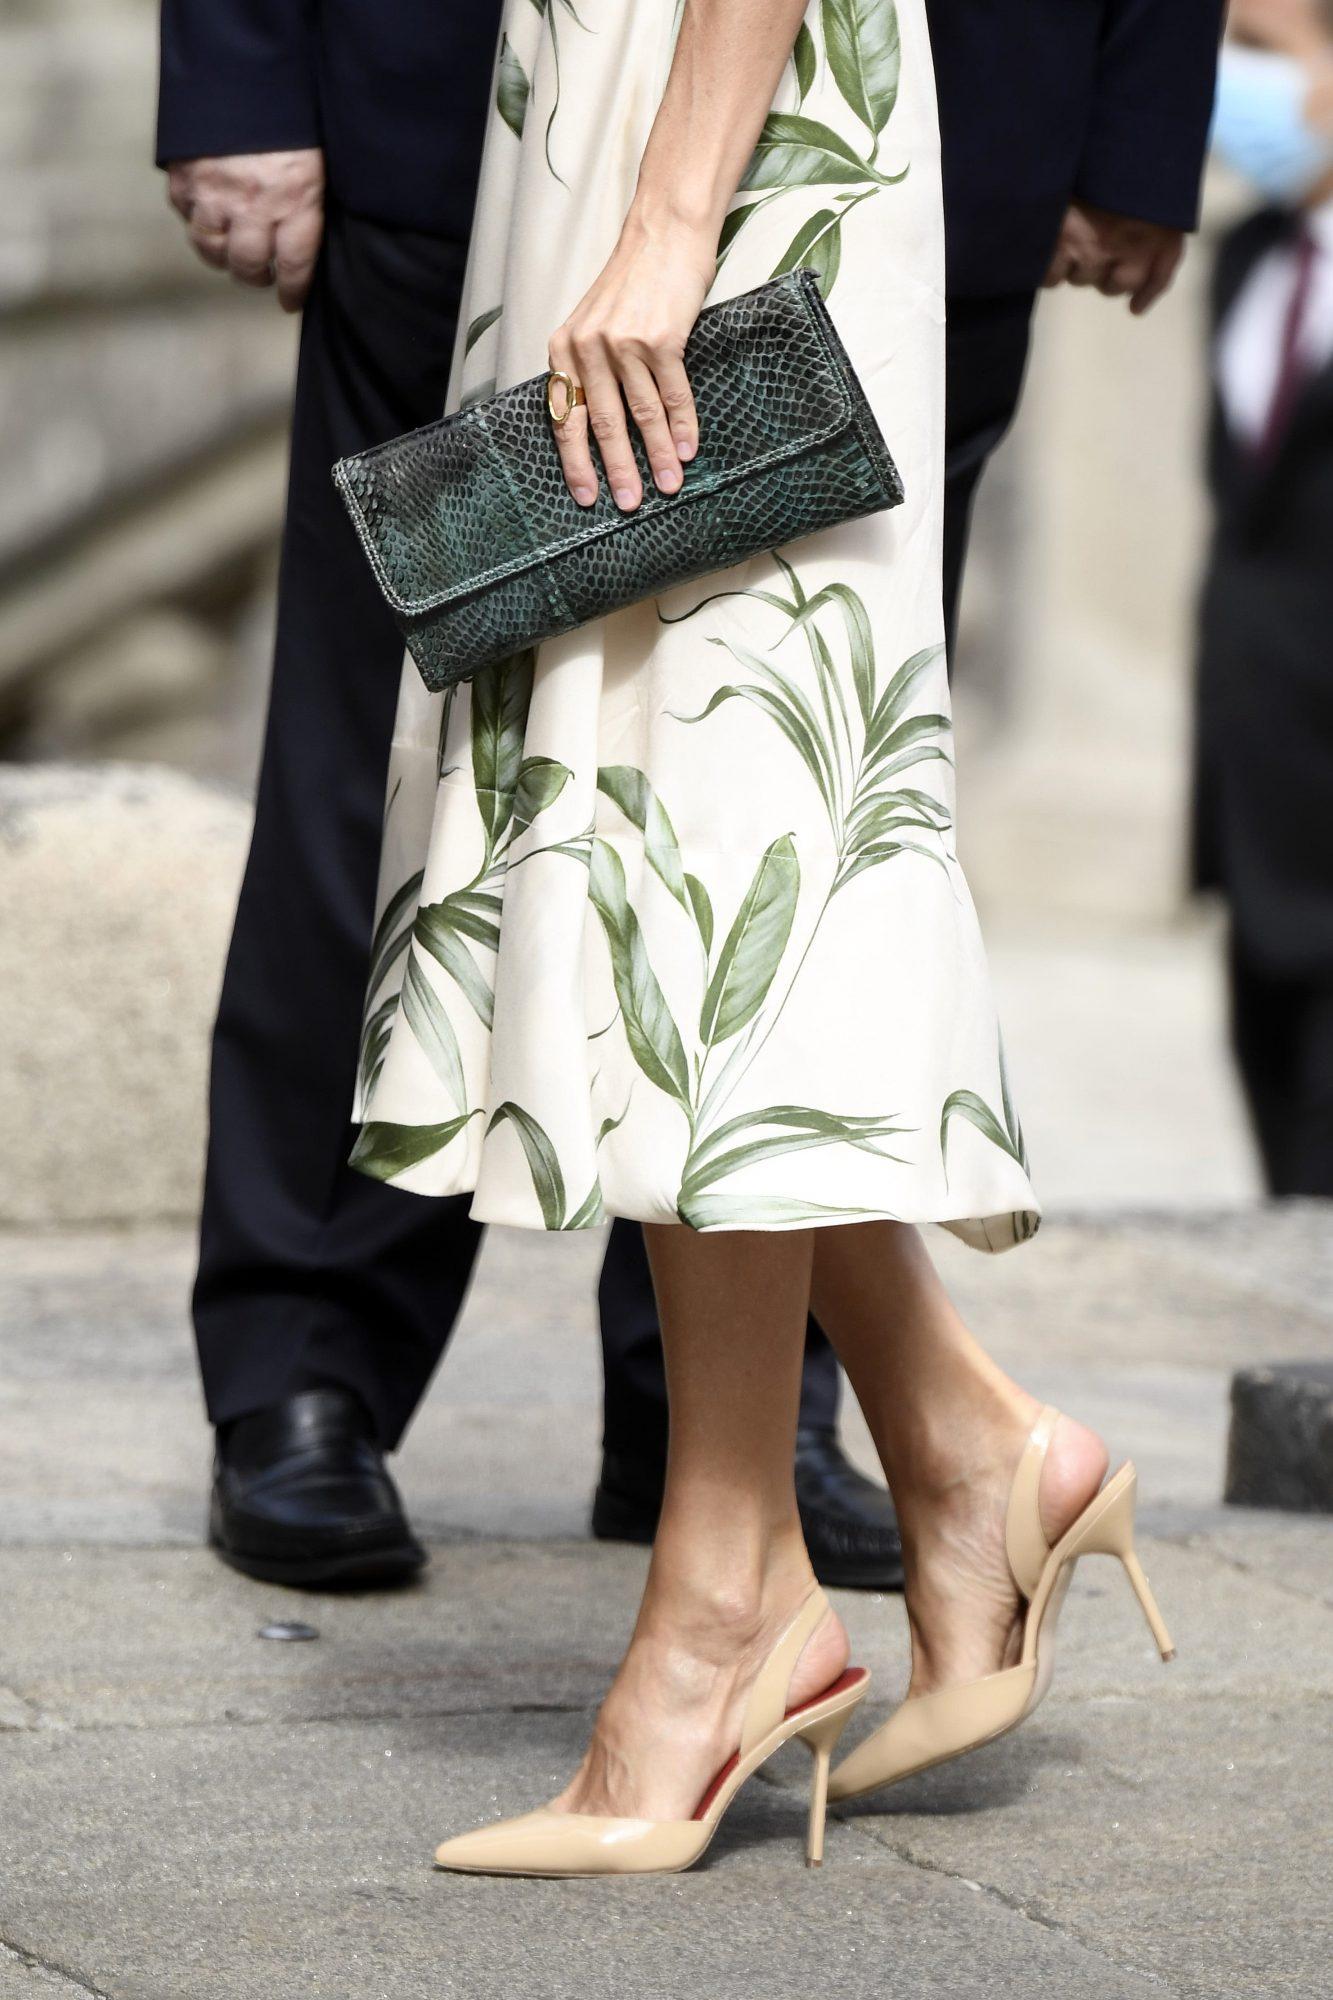 Otra pieza clave que nunca falta en sus estilismos es este anillo dorado de Karem Hallam, bolsito de mano en verde y zapatos nude de Carolina Herrera.